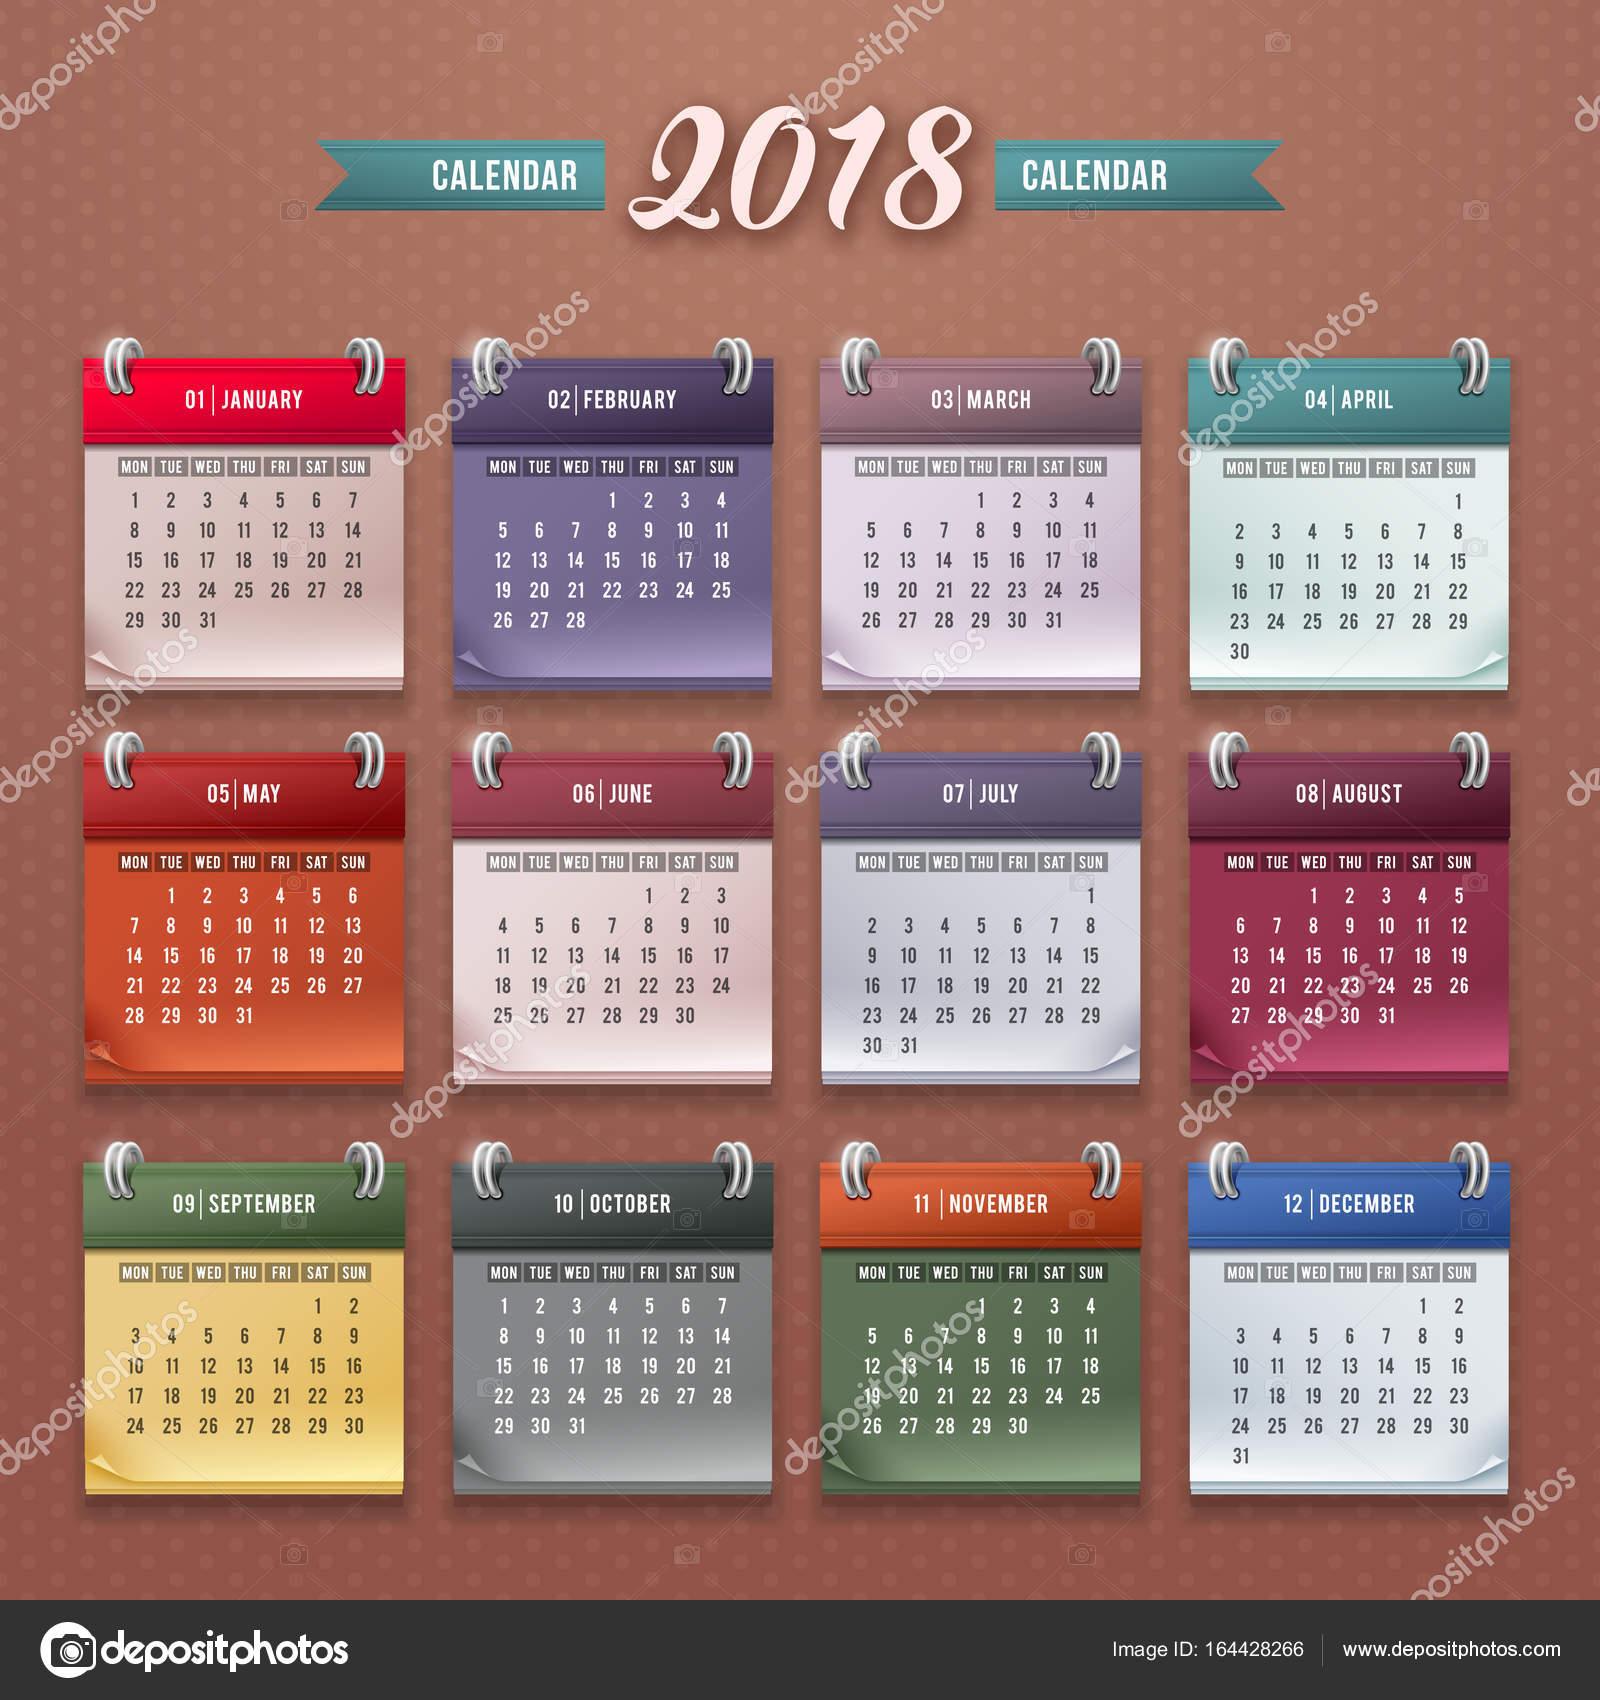 Kalendervorlage 2018 — Stockvektor © Pazhyna #164428266